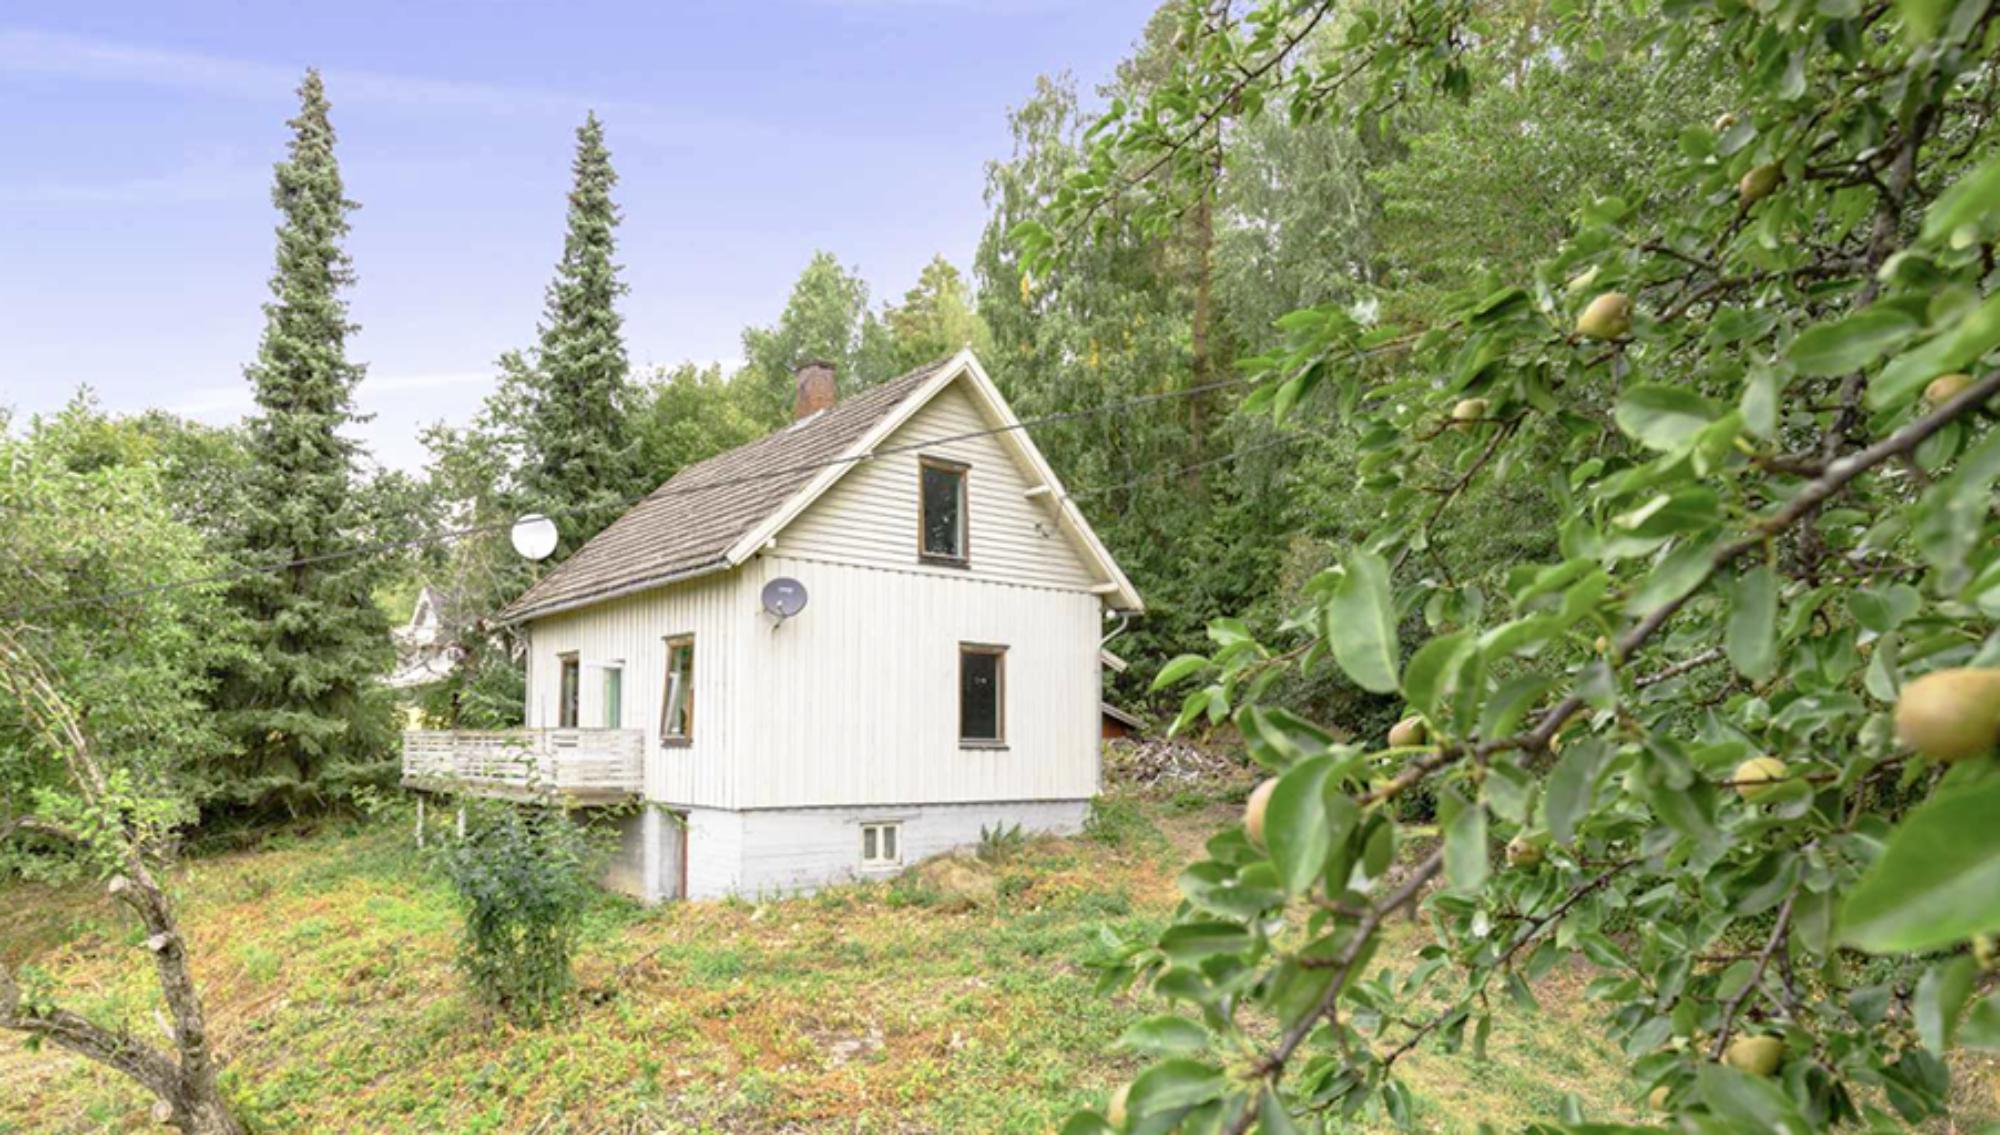 Helgøya eventyr hagen 圣岛桃园